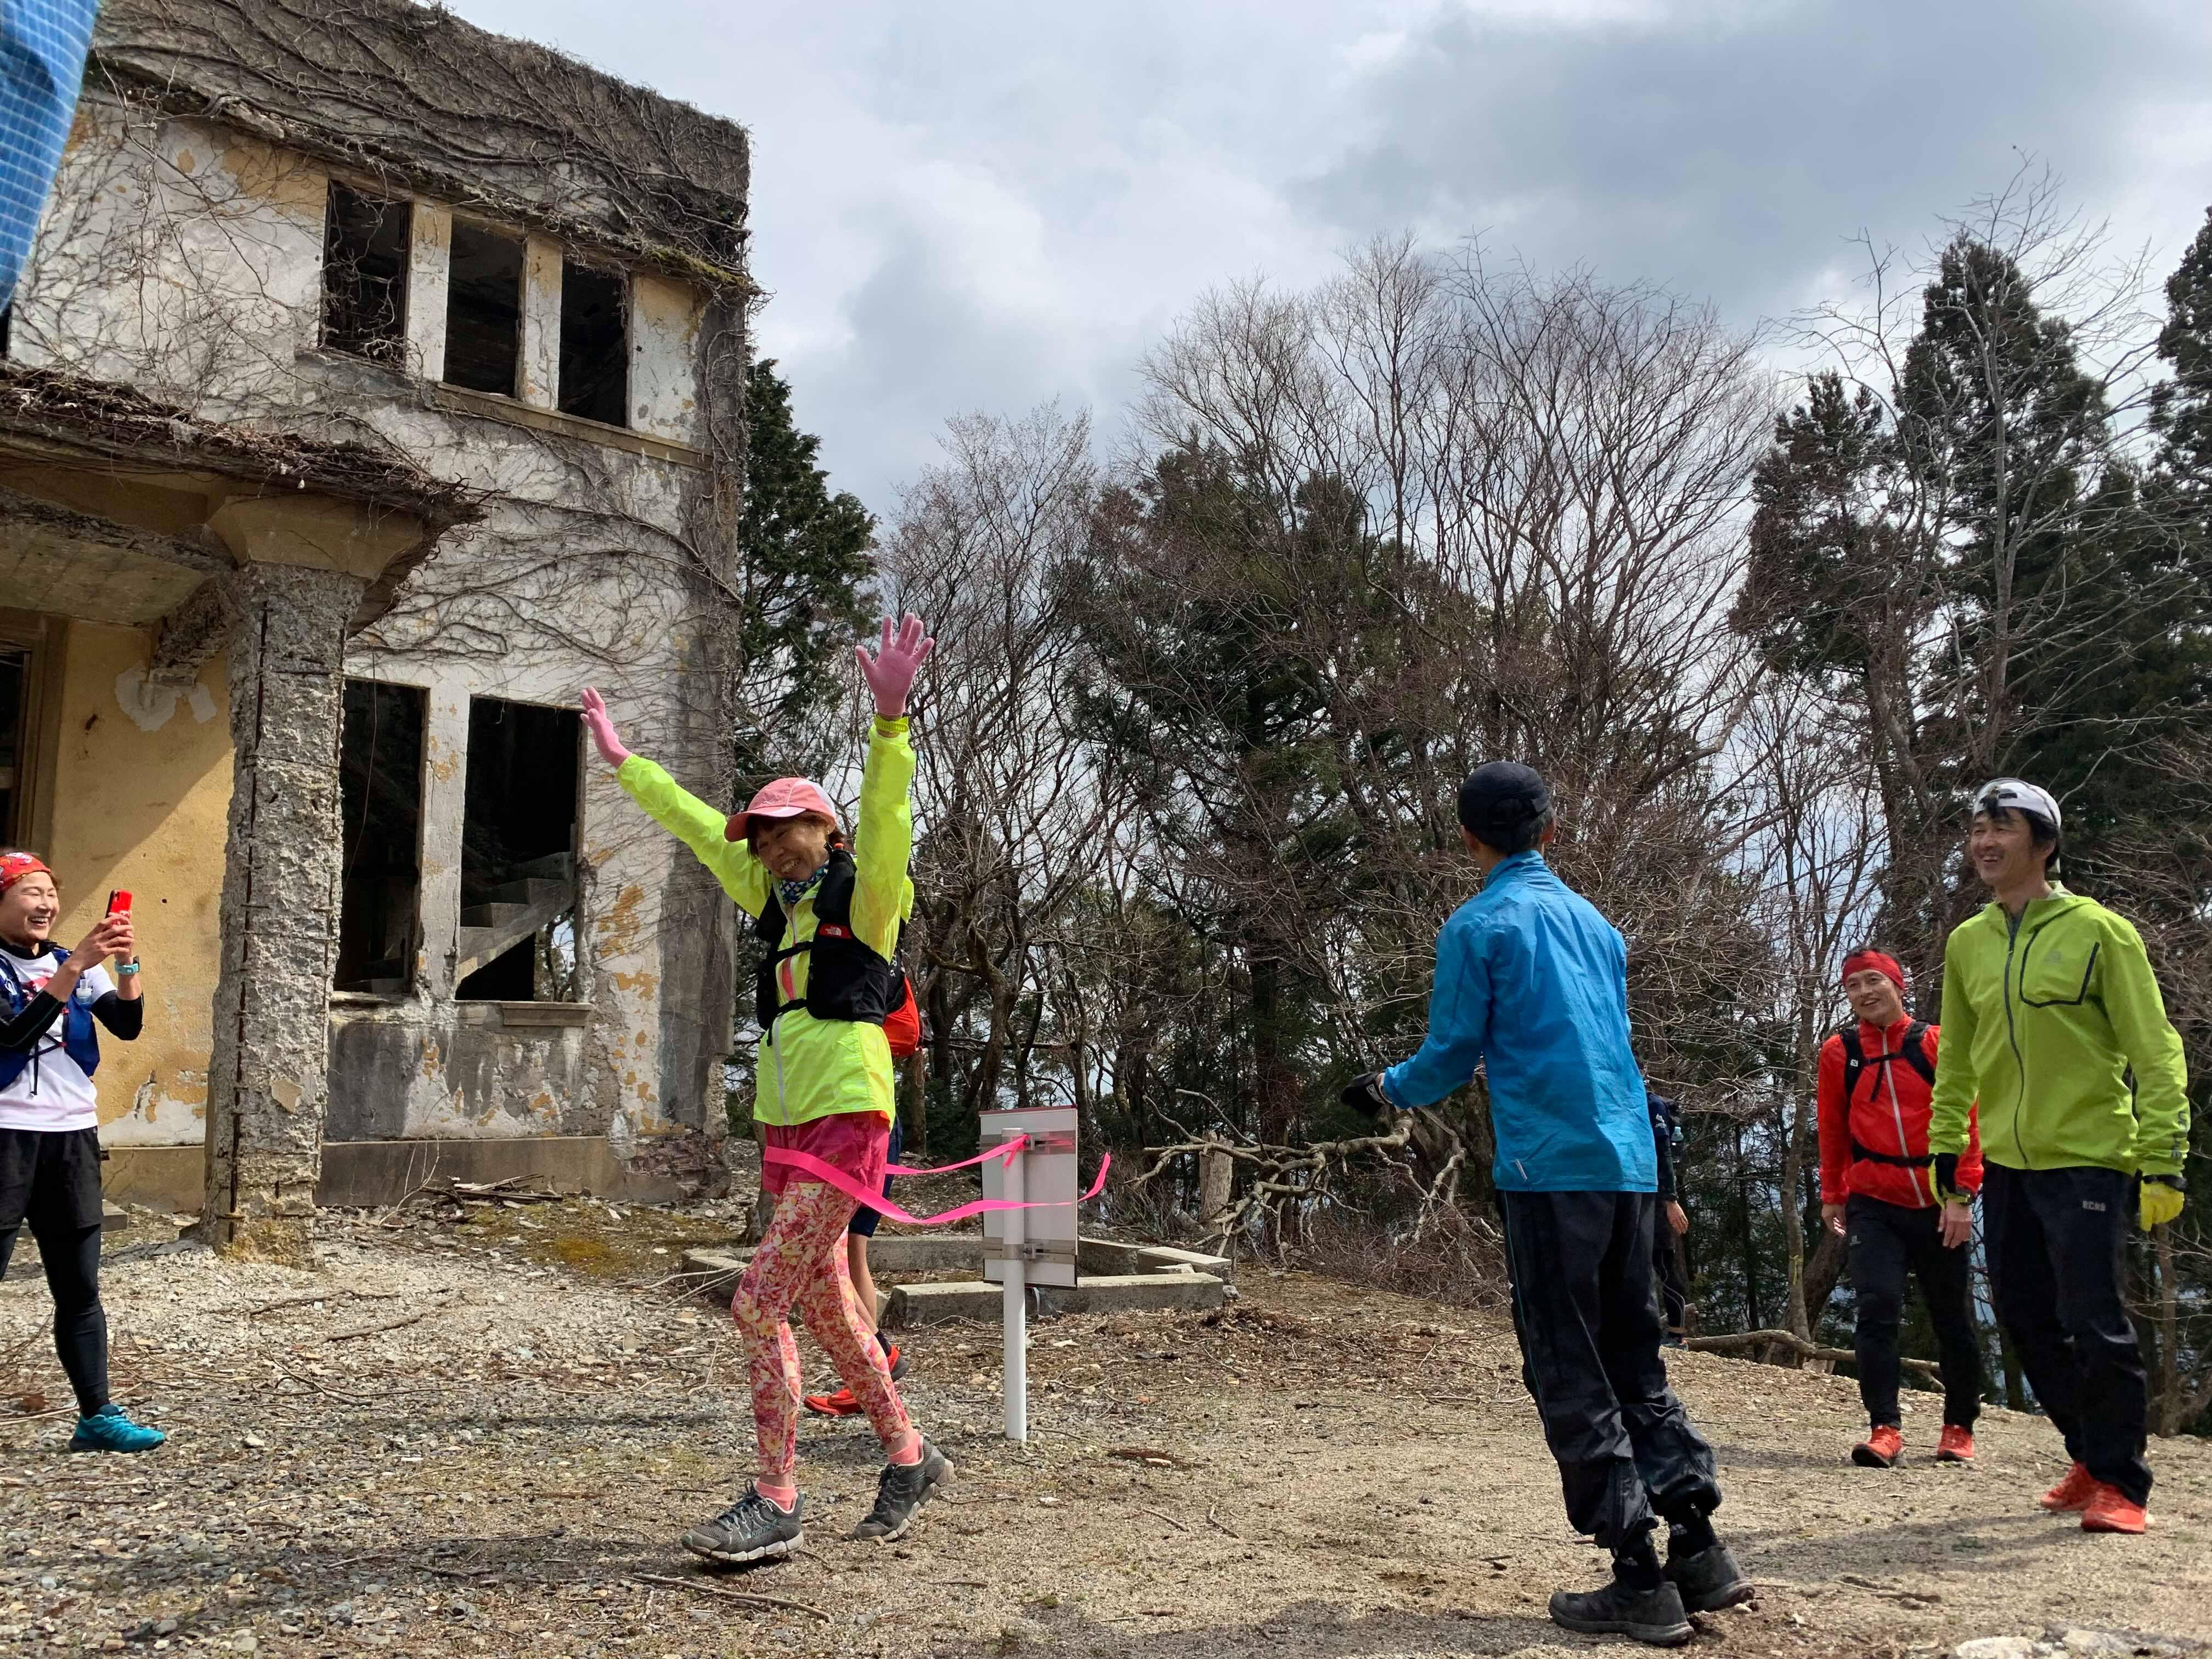 愛宕山山頂にてゴール。初めての参加者も楽しめたようだ。